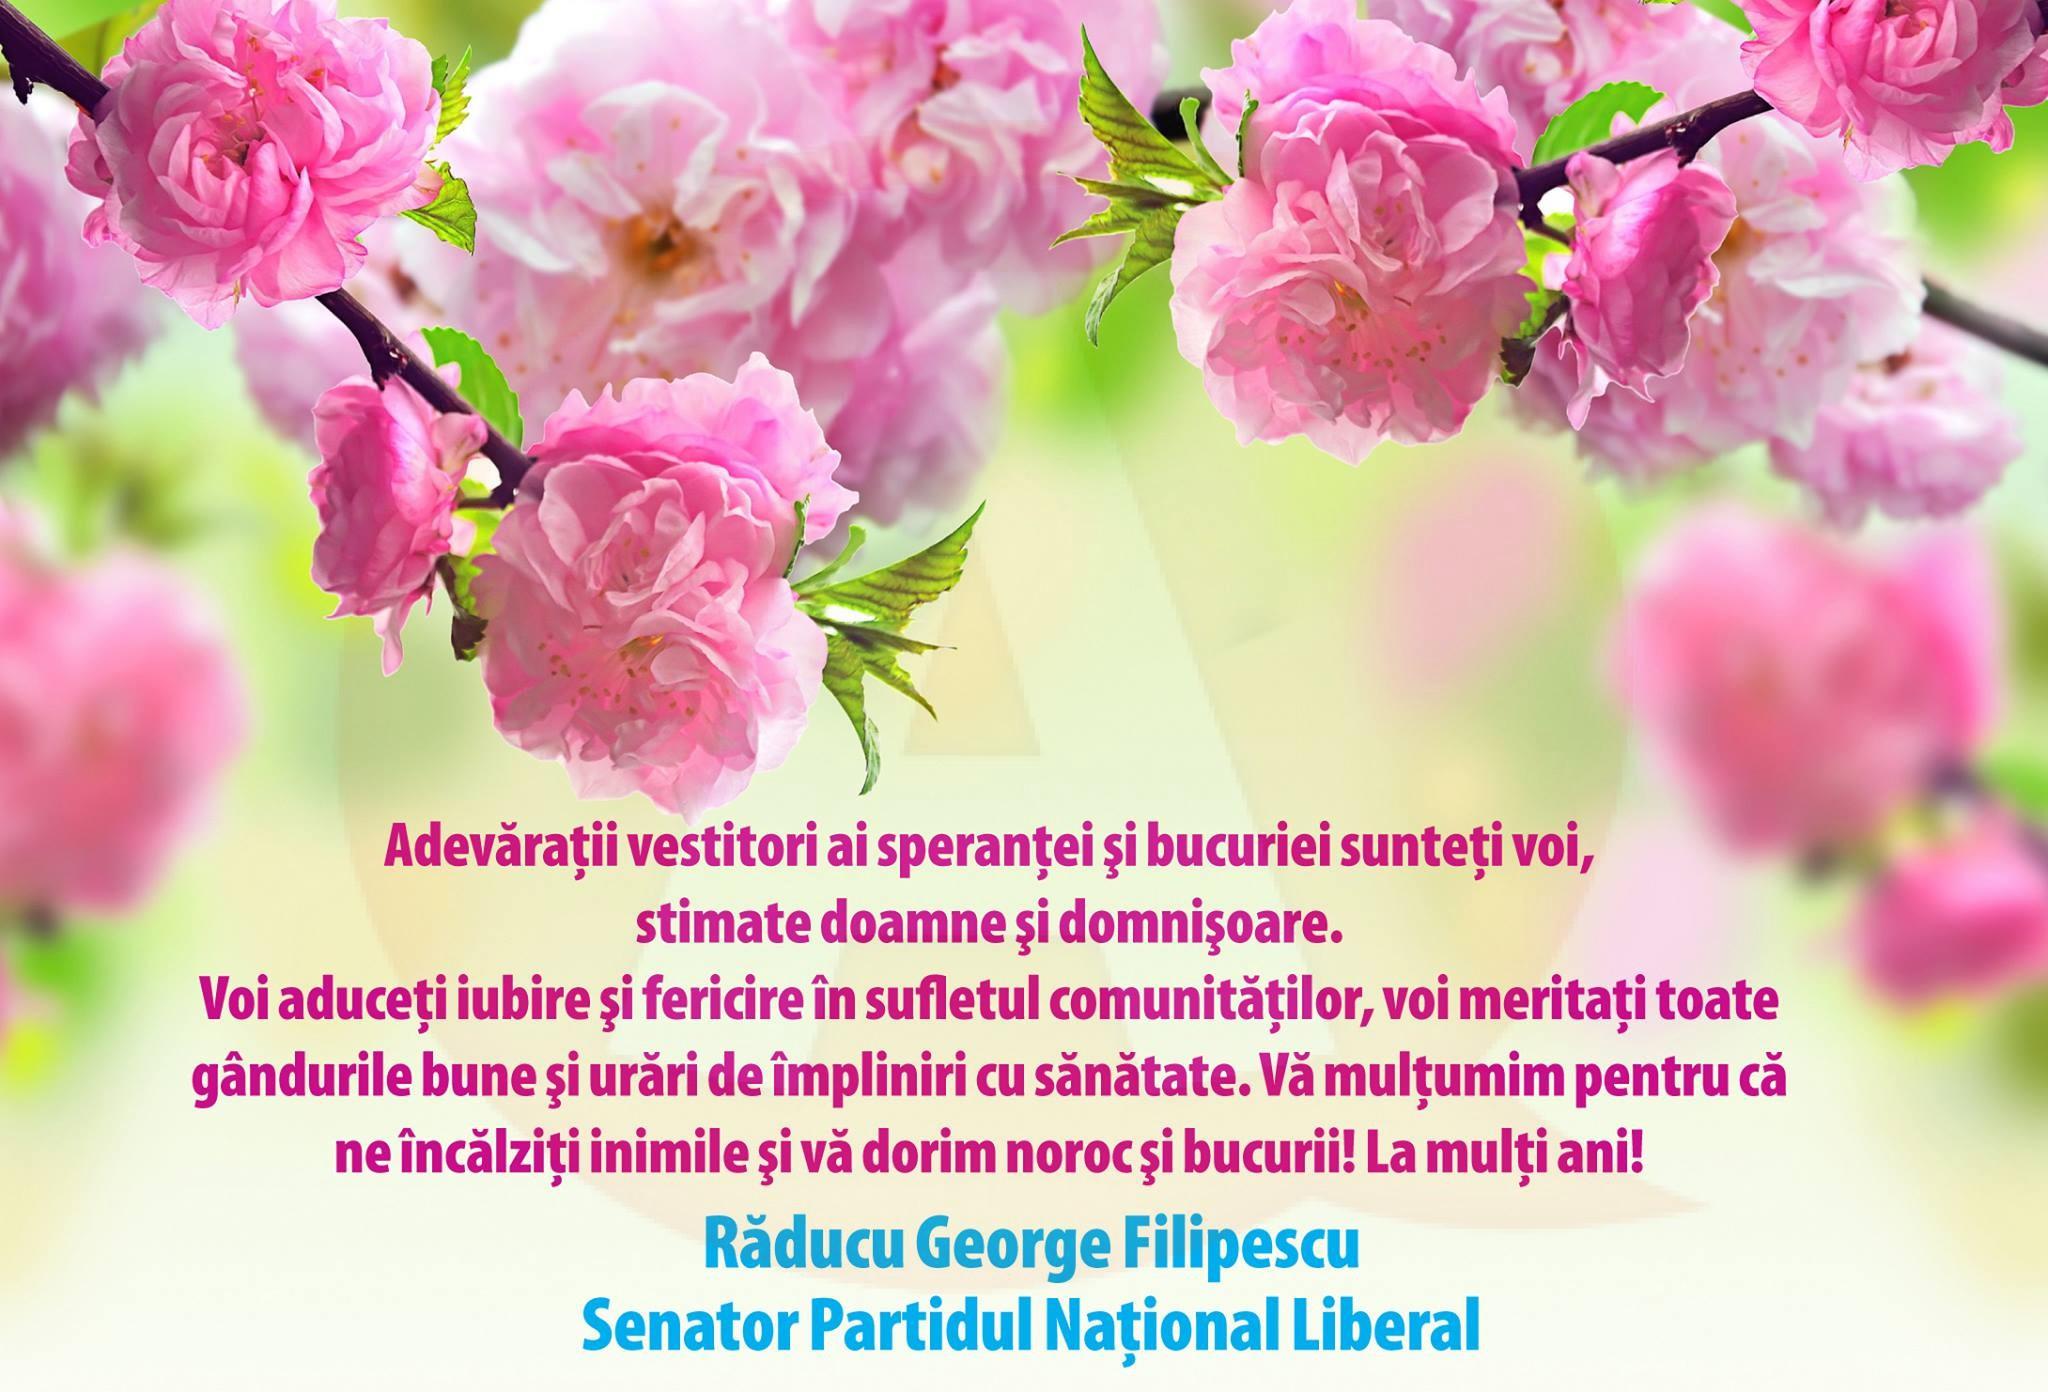 """Sen. Răducu Filipescu: """"Adevăraţii vestitori ai speranţei şi bucuriei sunteţi voi, stimate doamne şi domnişoare"""""""